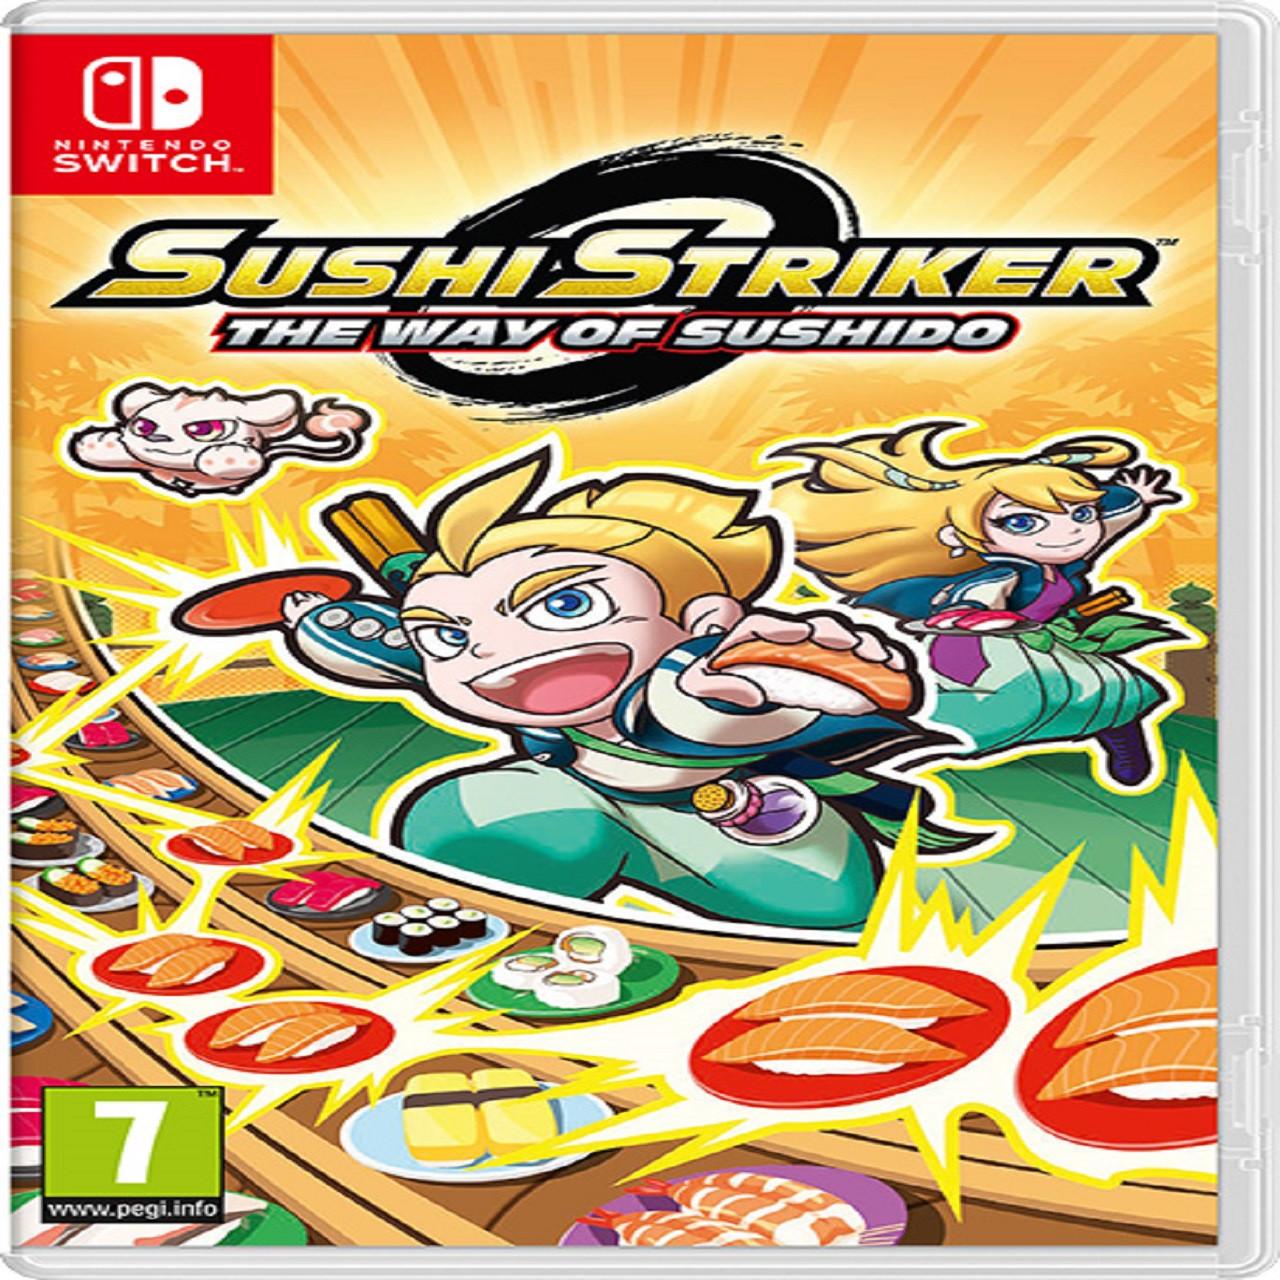 Sushi Striker: The Way of Sushido ENG Nintendo Switch